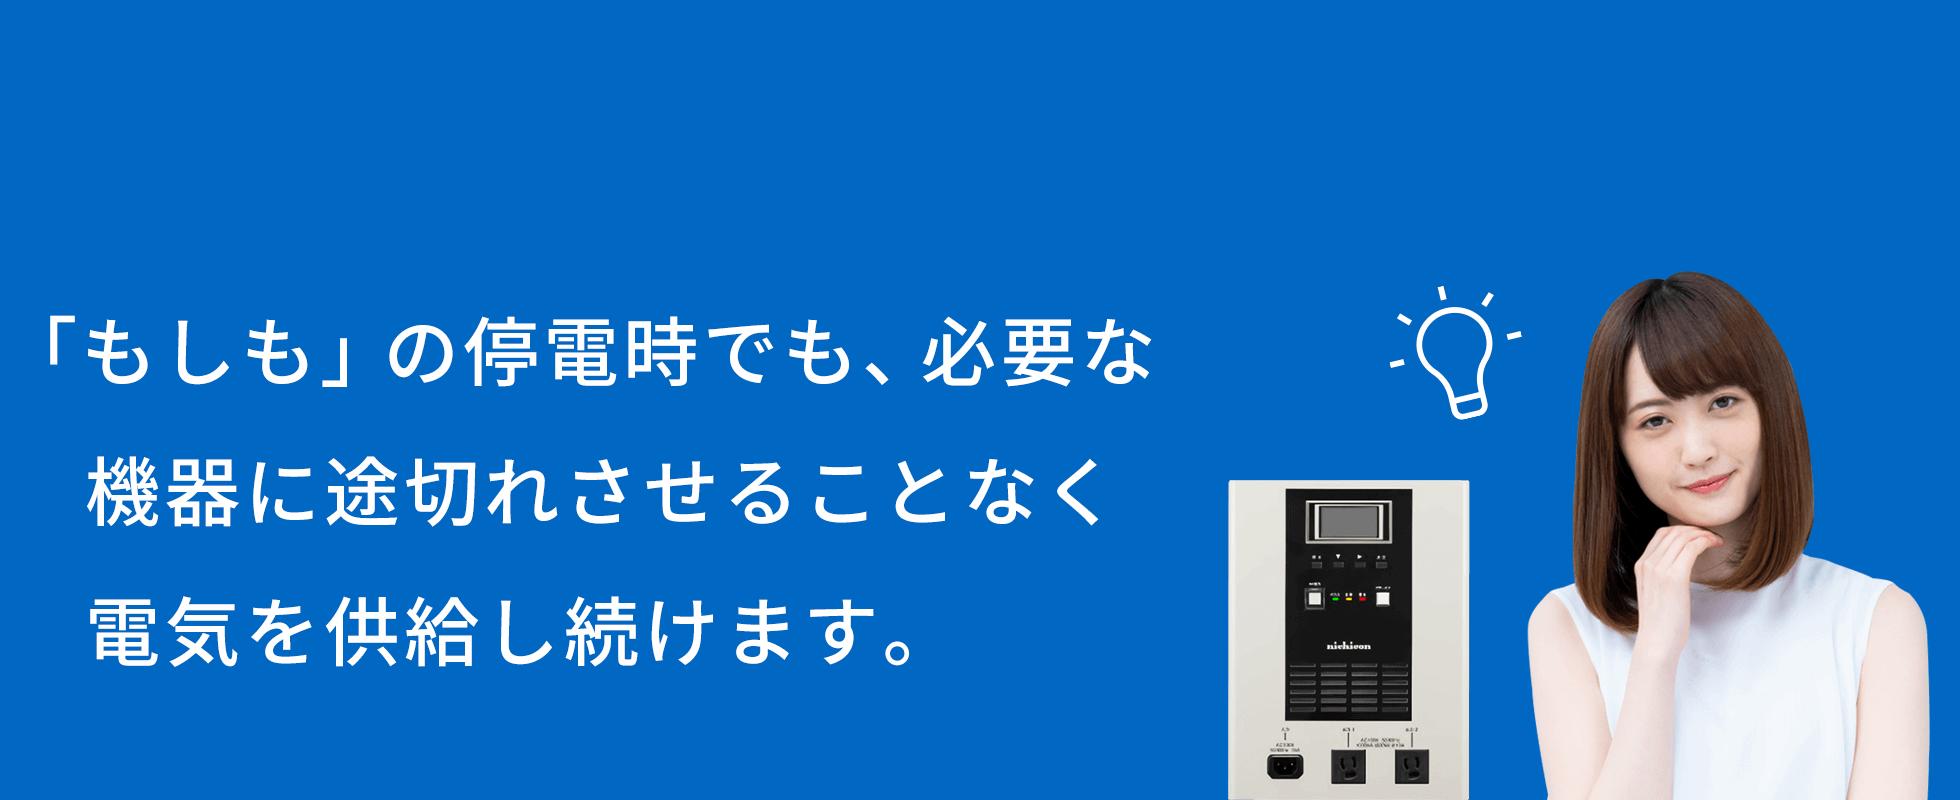 「もしも」の停電時でも、必要な機器に途切れさせることなく電気を供給し続けます。